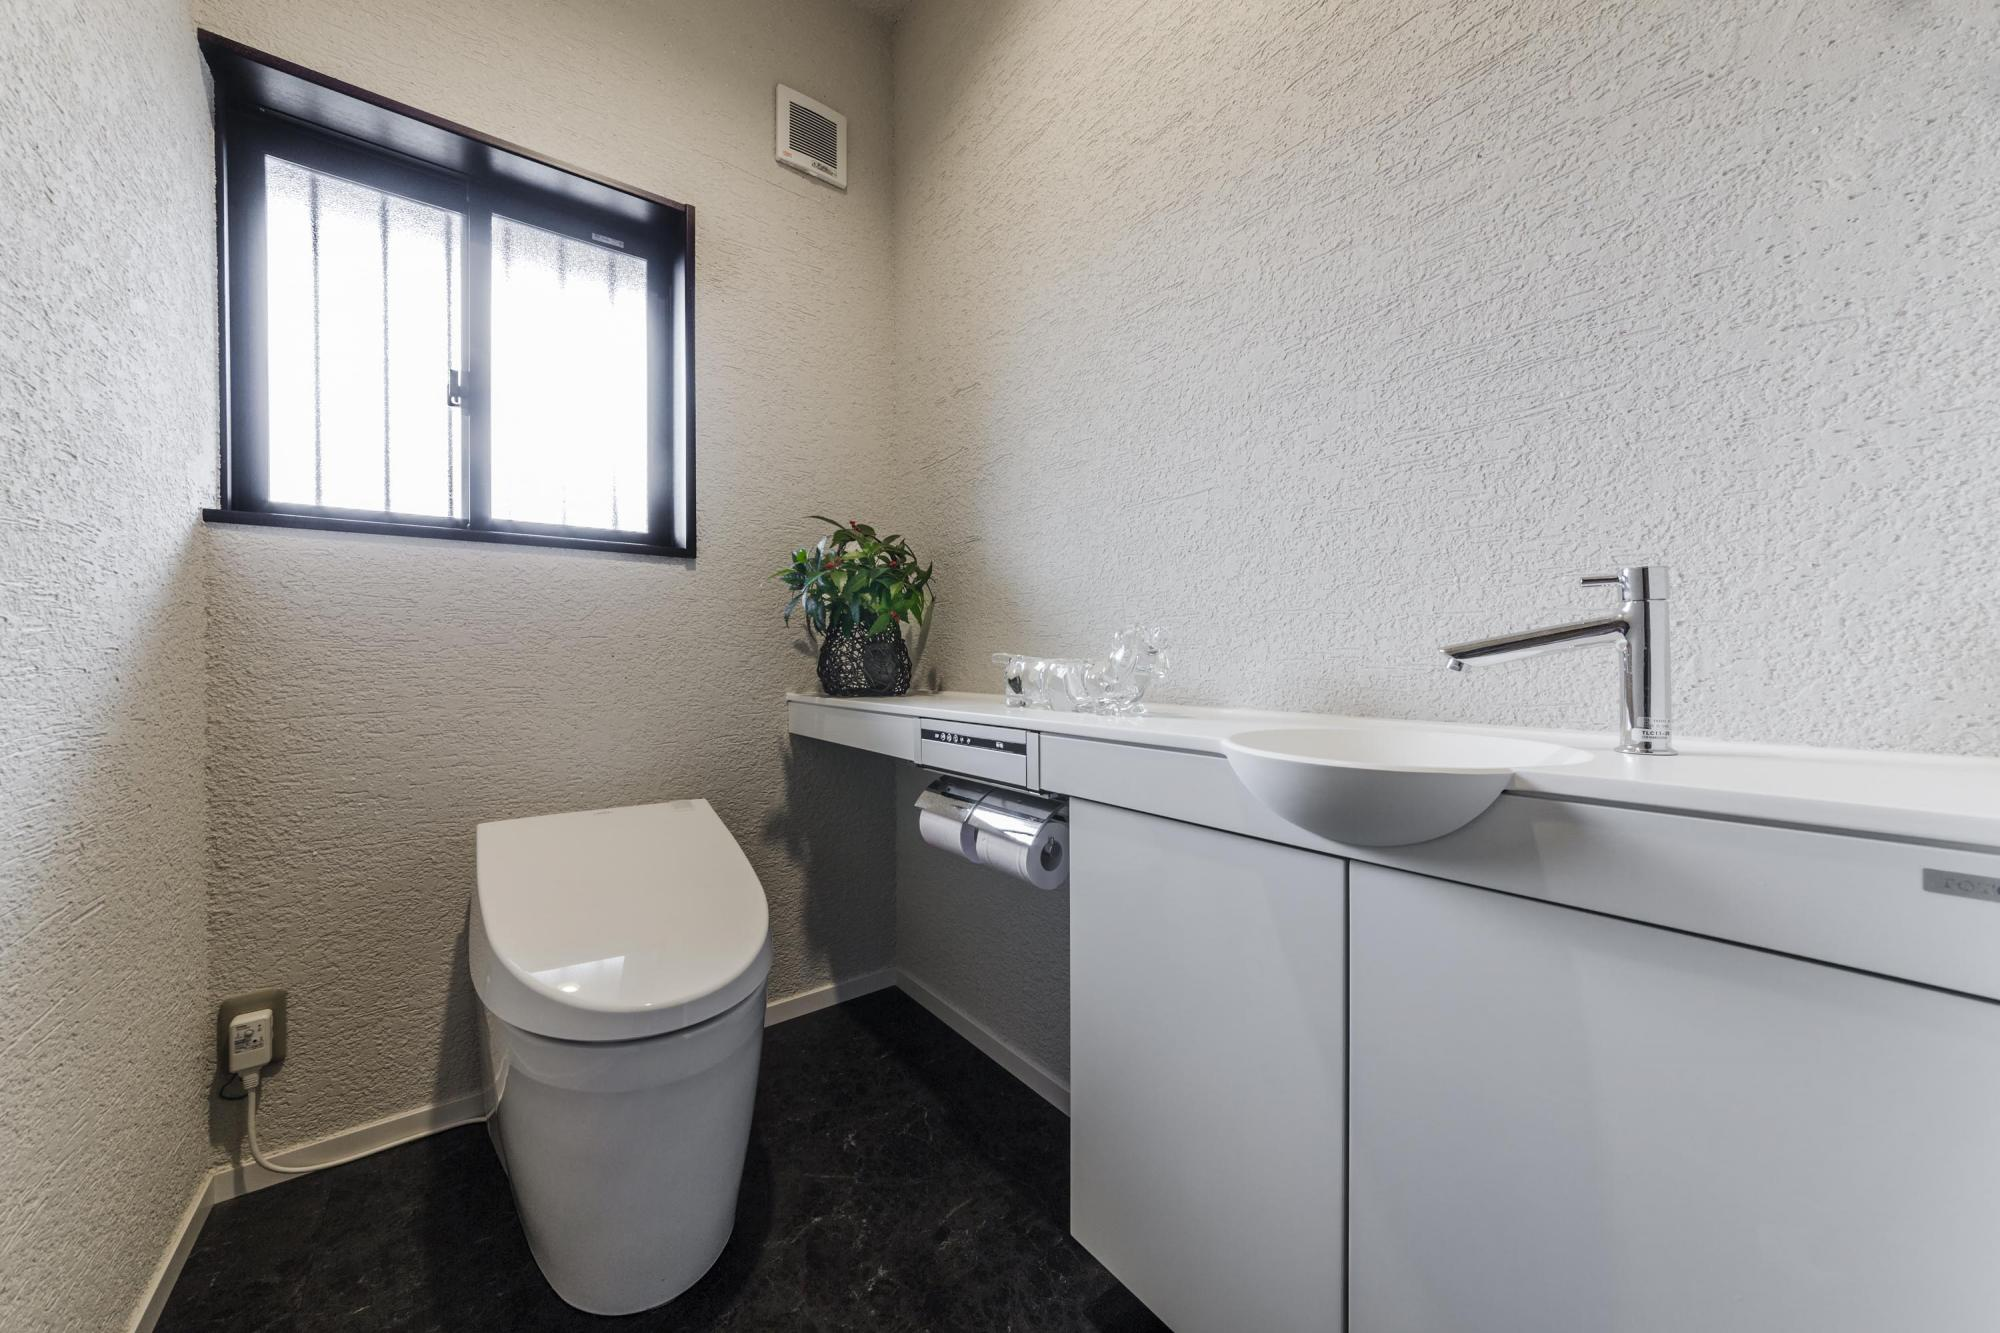 トイレも手洗いカウンターのあるゆったりしたものにした。自動洗浄機能付きでお手入れが楽。壁と天井の仕上げは、洗面室と同じく「シーサンドコート」。